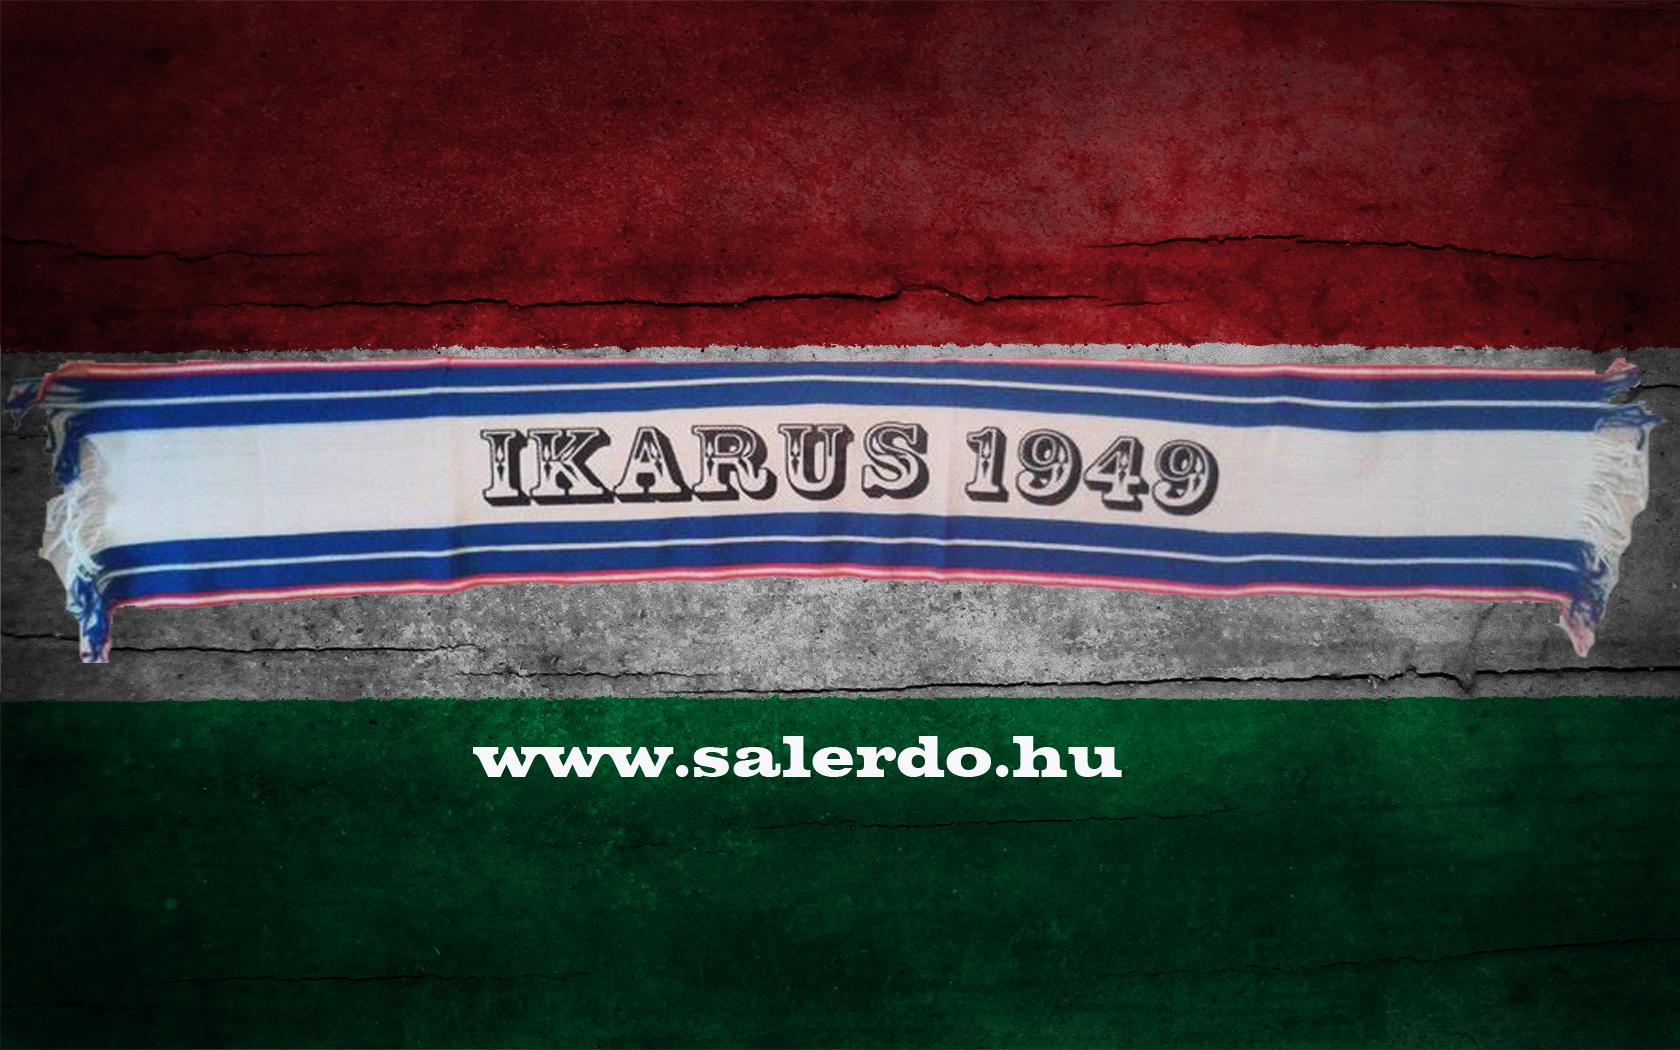 Ikarus1949